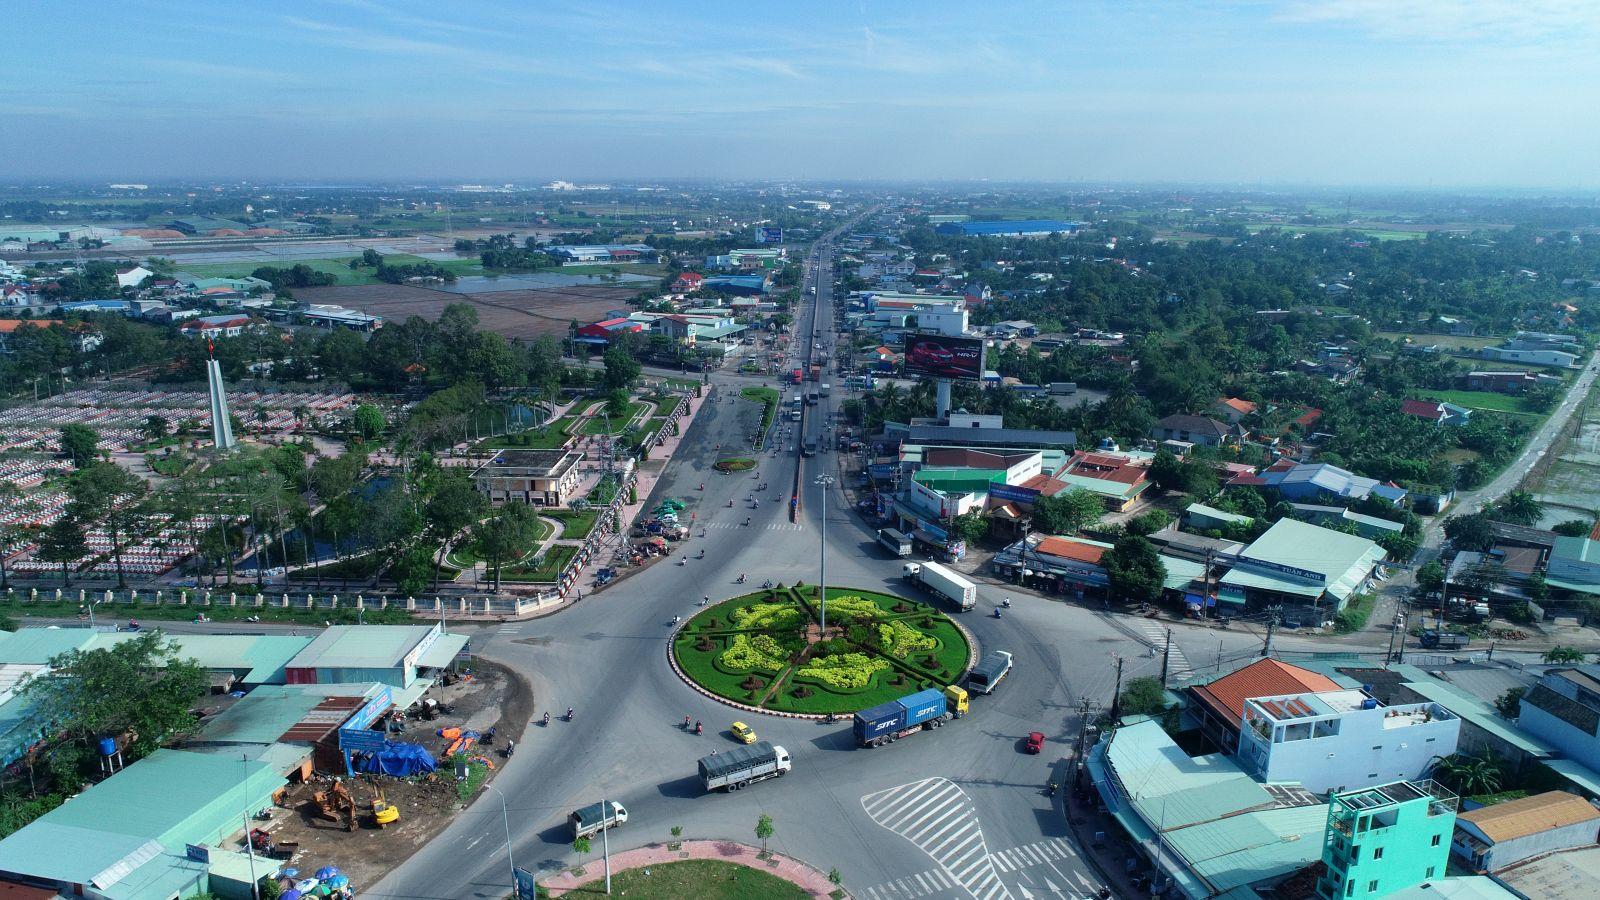 Trung bình 1 lô đất ngang 5m dài khoảng 20-30m tại các phường gần trung tâm Tân An sẽ có giá 900 triệu đến 2 tỷ